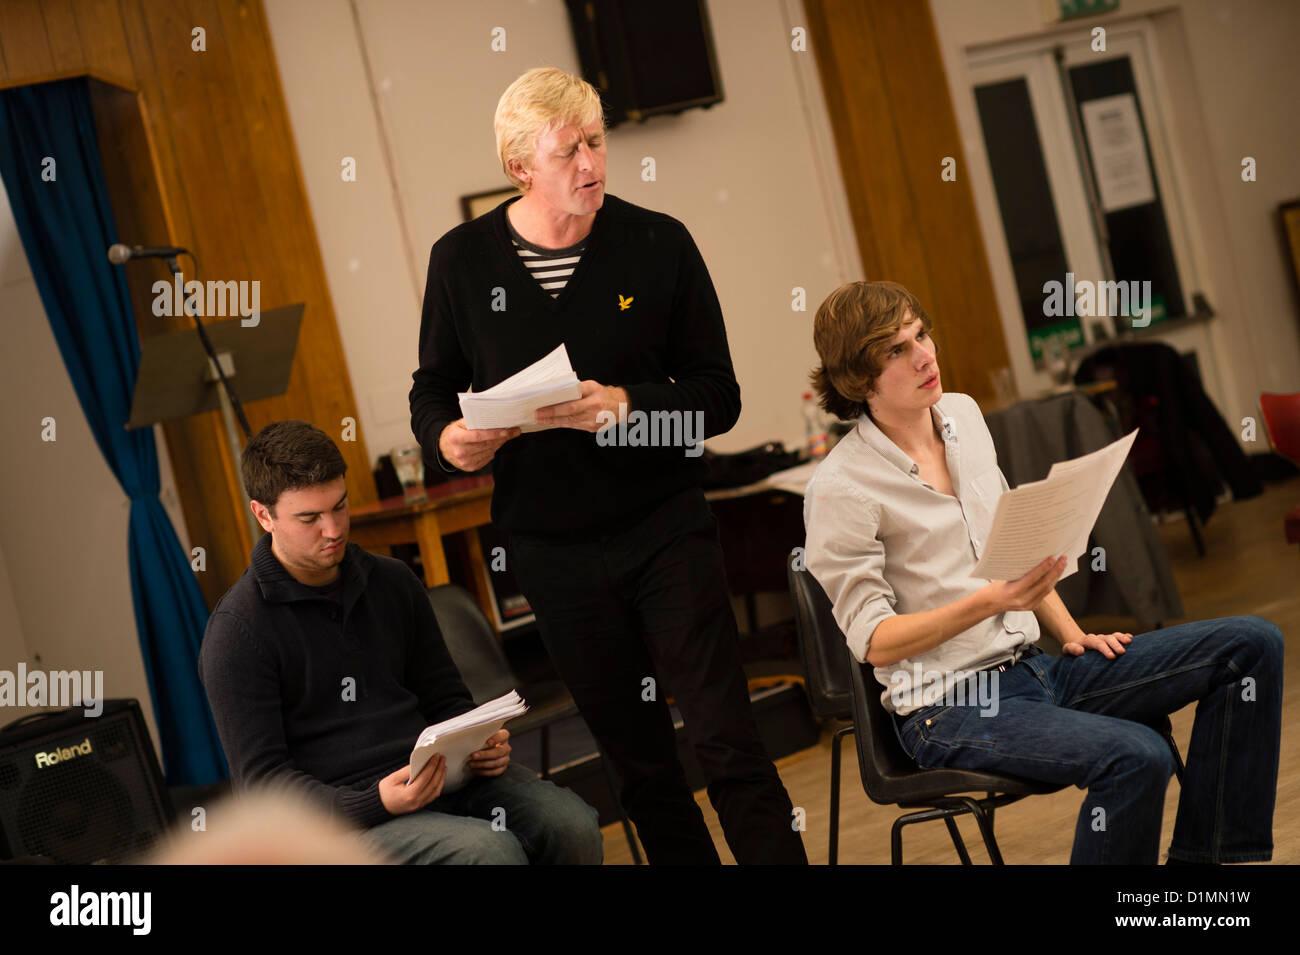 Scripts amateur dramatic